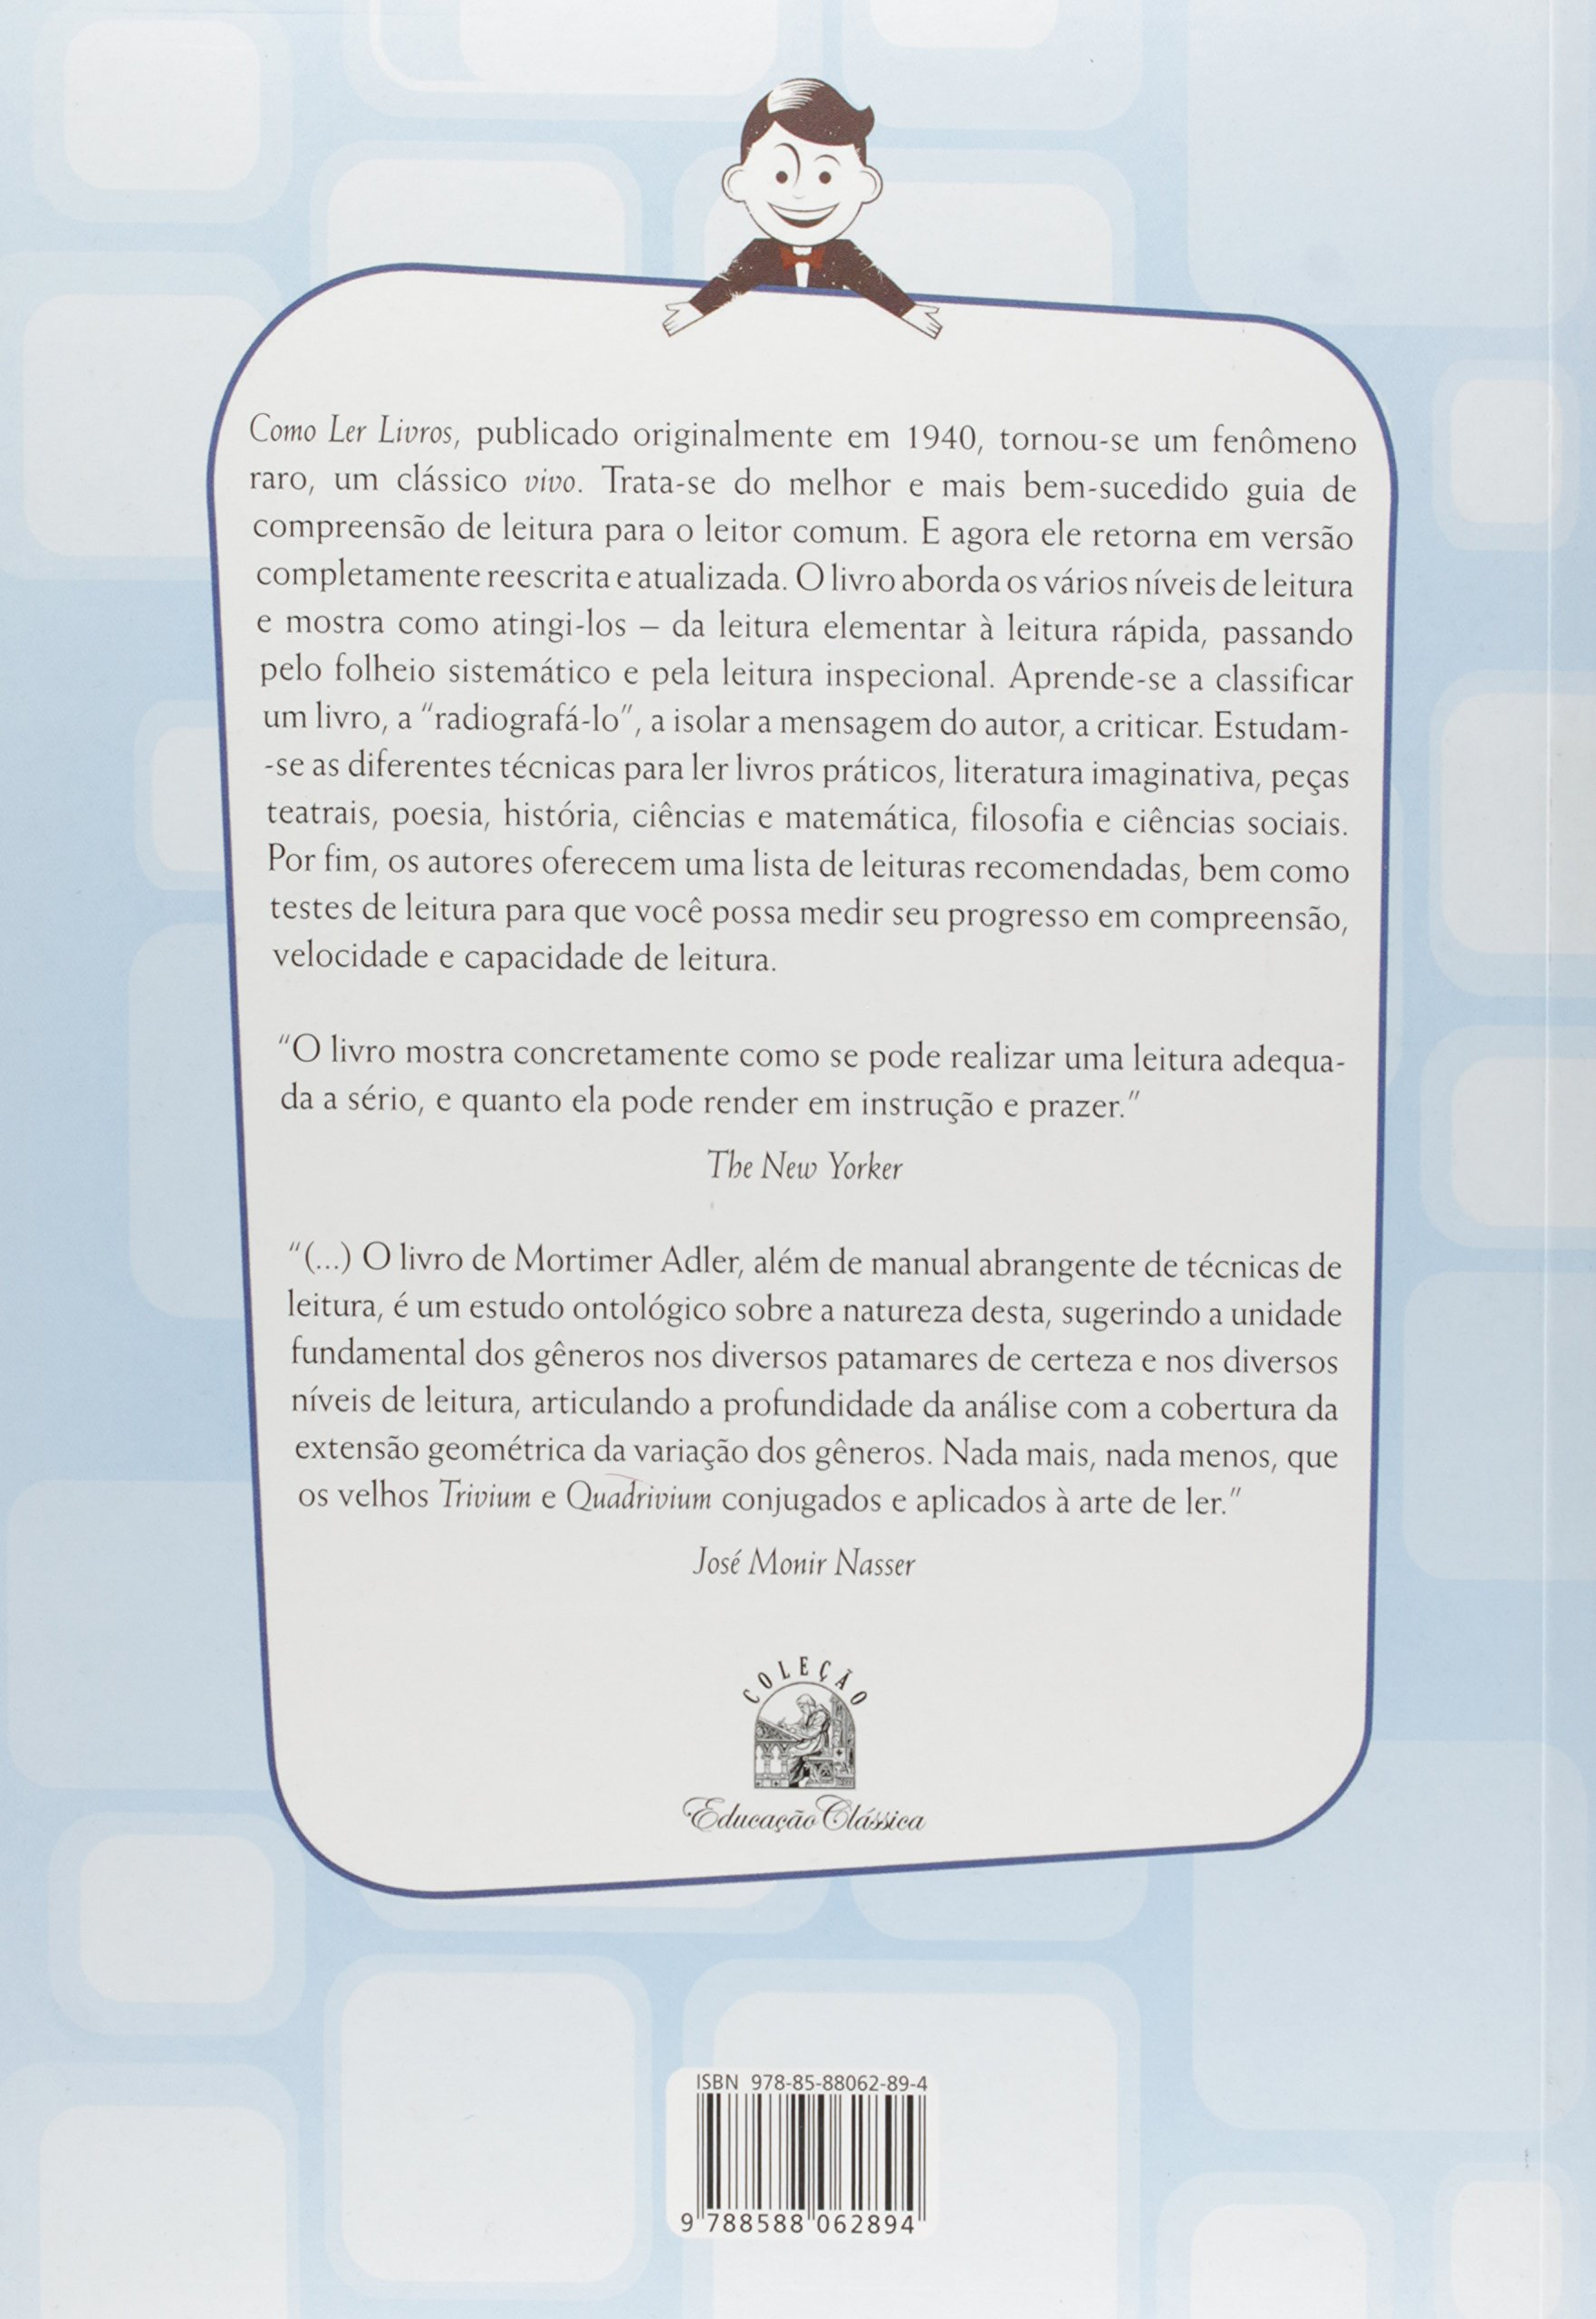 Livro 'Como Ler Livros' por Mortimer Adler